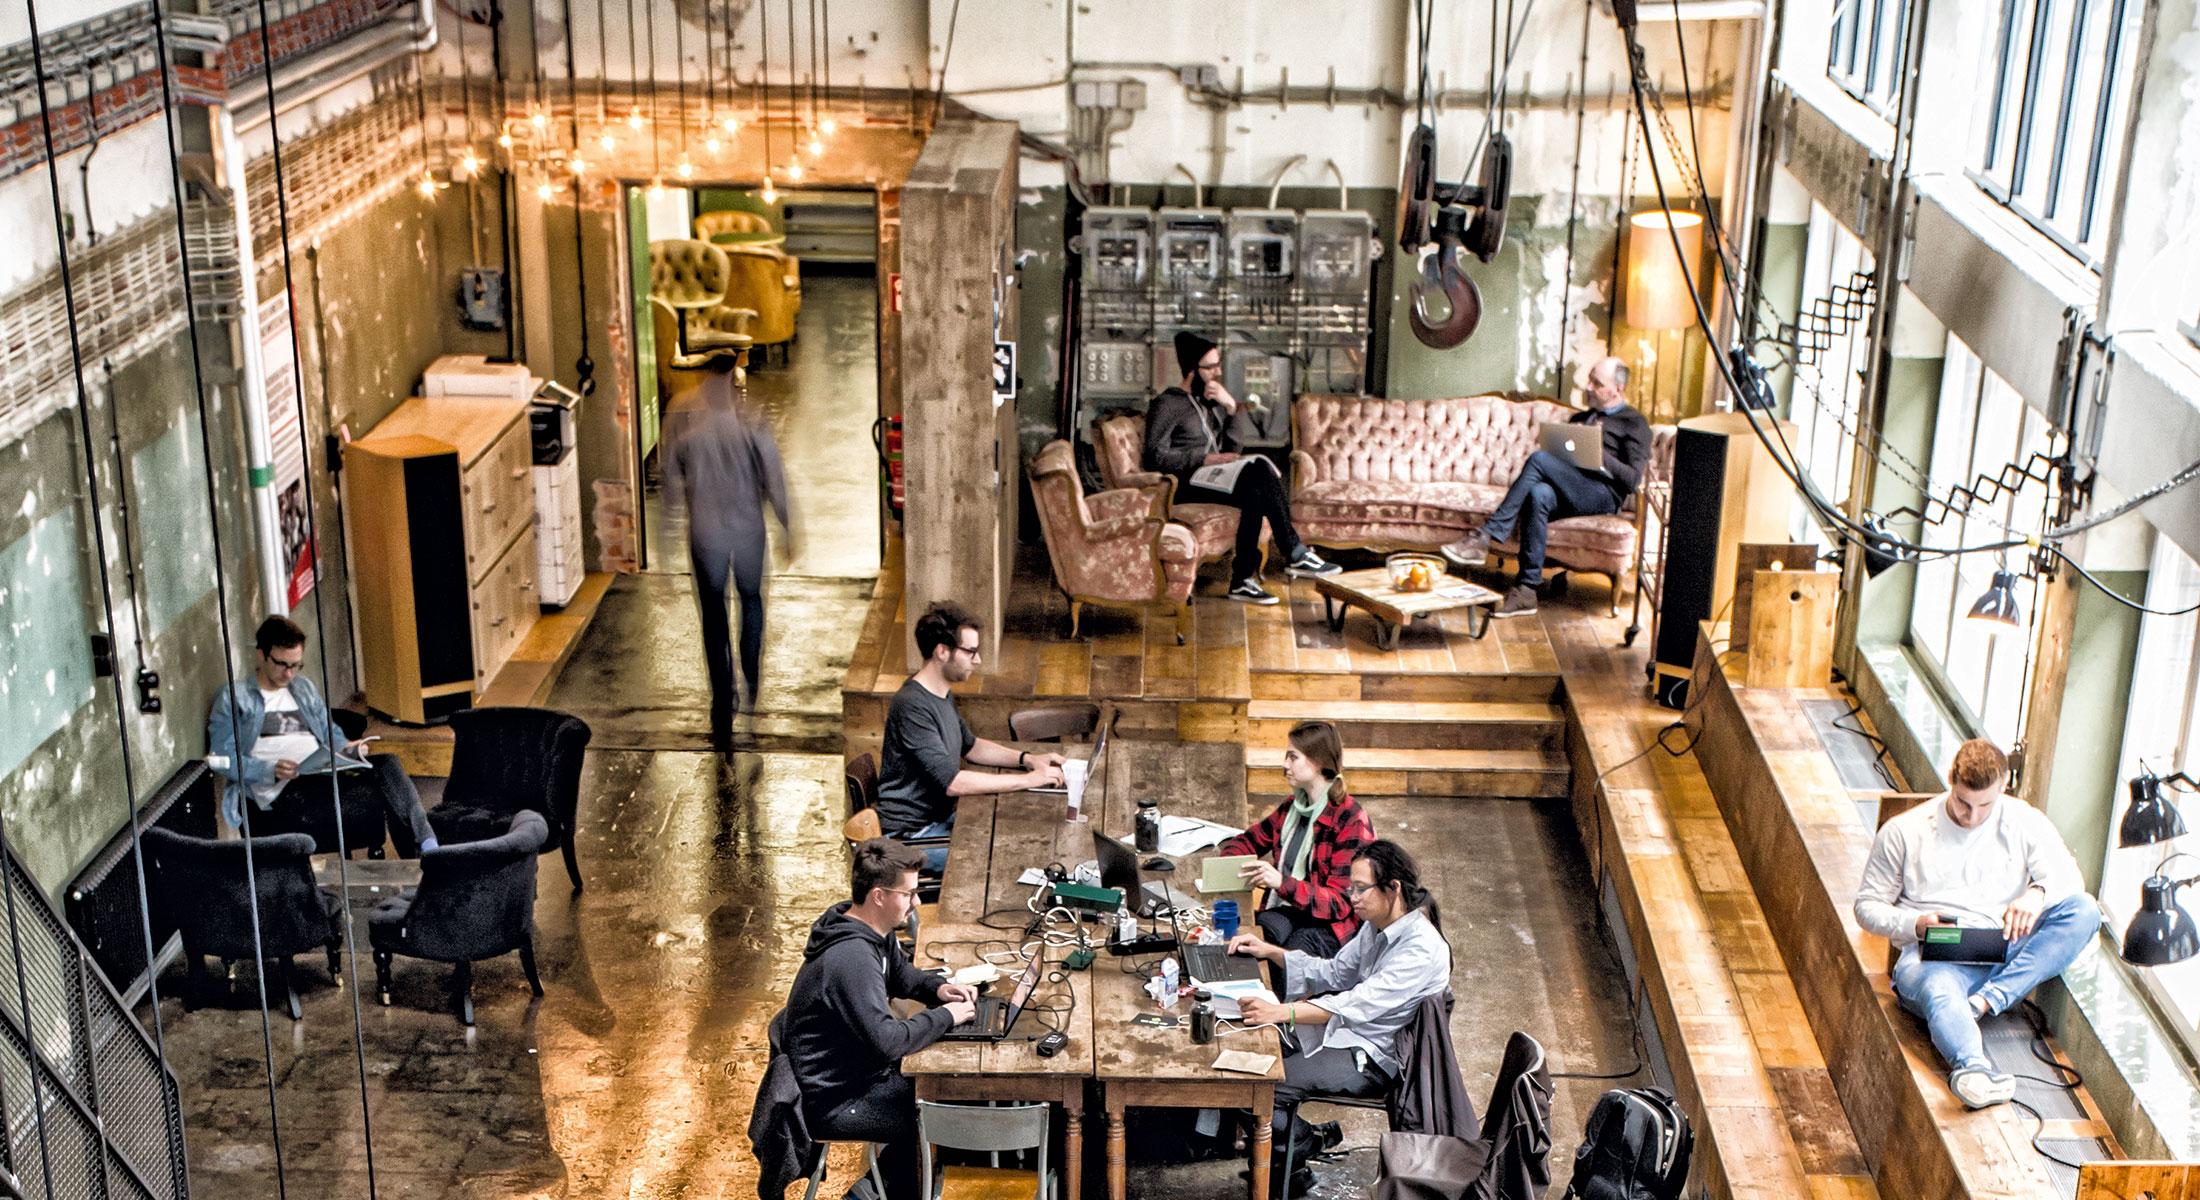 Marketing Club Region Stuttgart Heilbronn Veranstaltung: Wenn ein starkes Netzwerk erst einmal kreativ ins Rollen kommt.